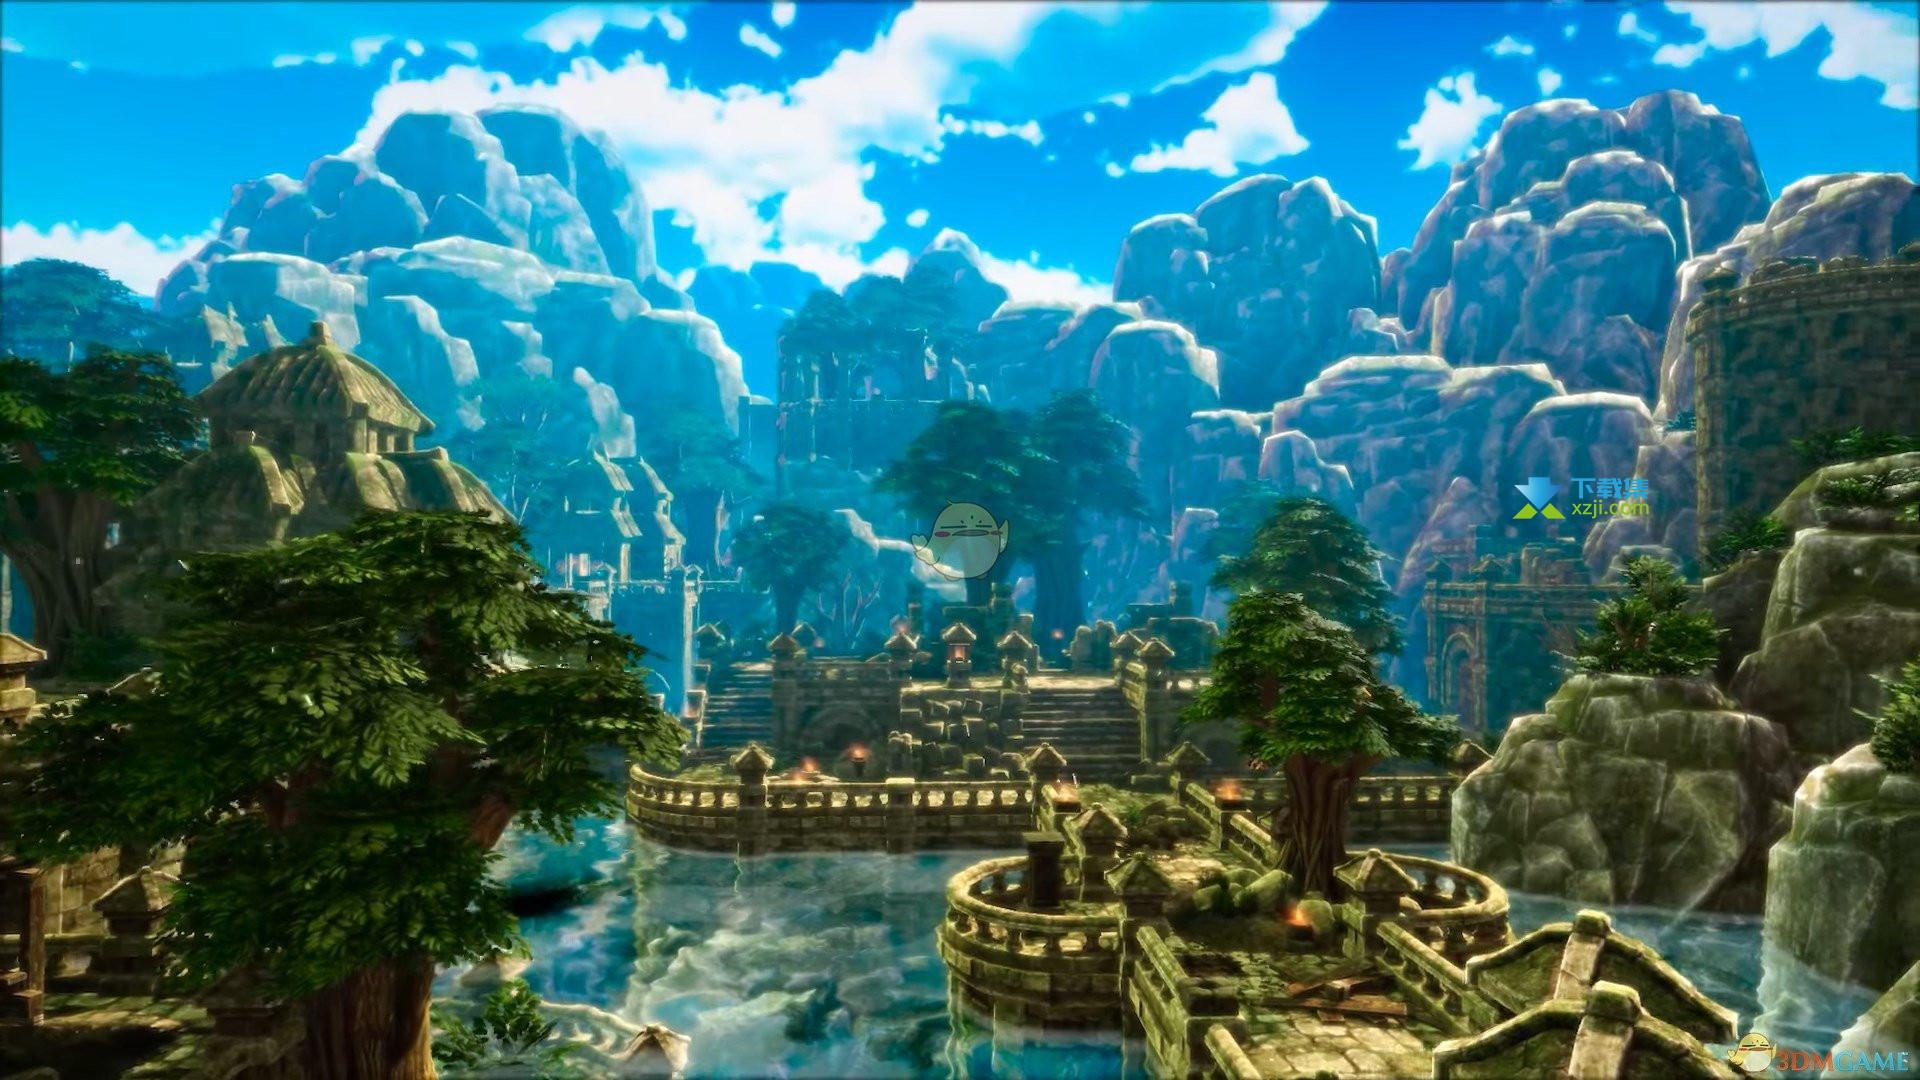 《创世理想乡》游戏中怎么无限刷石板